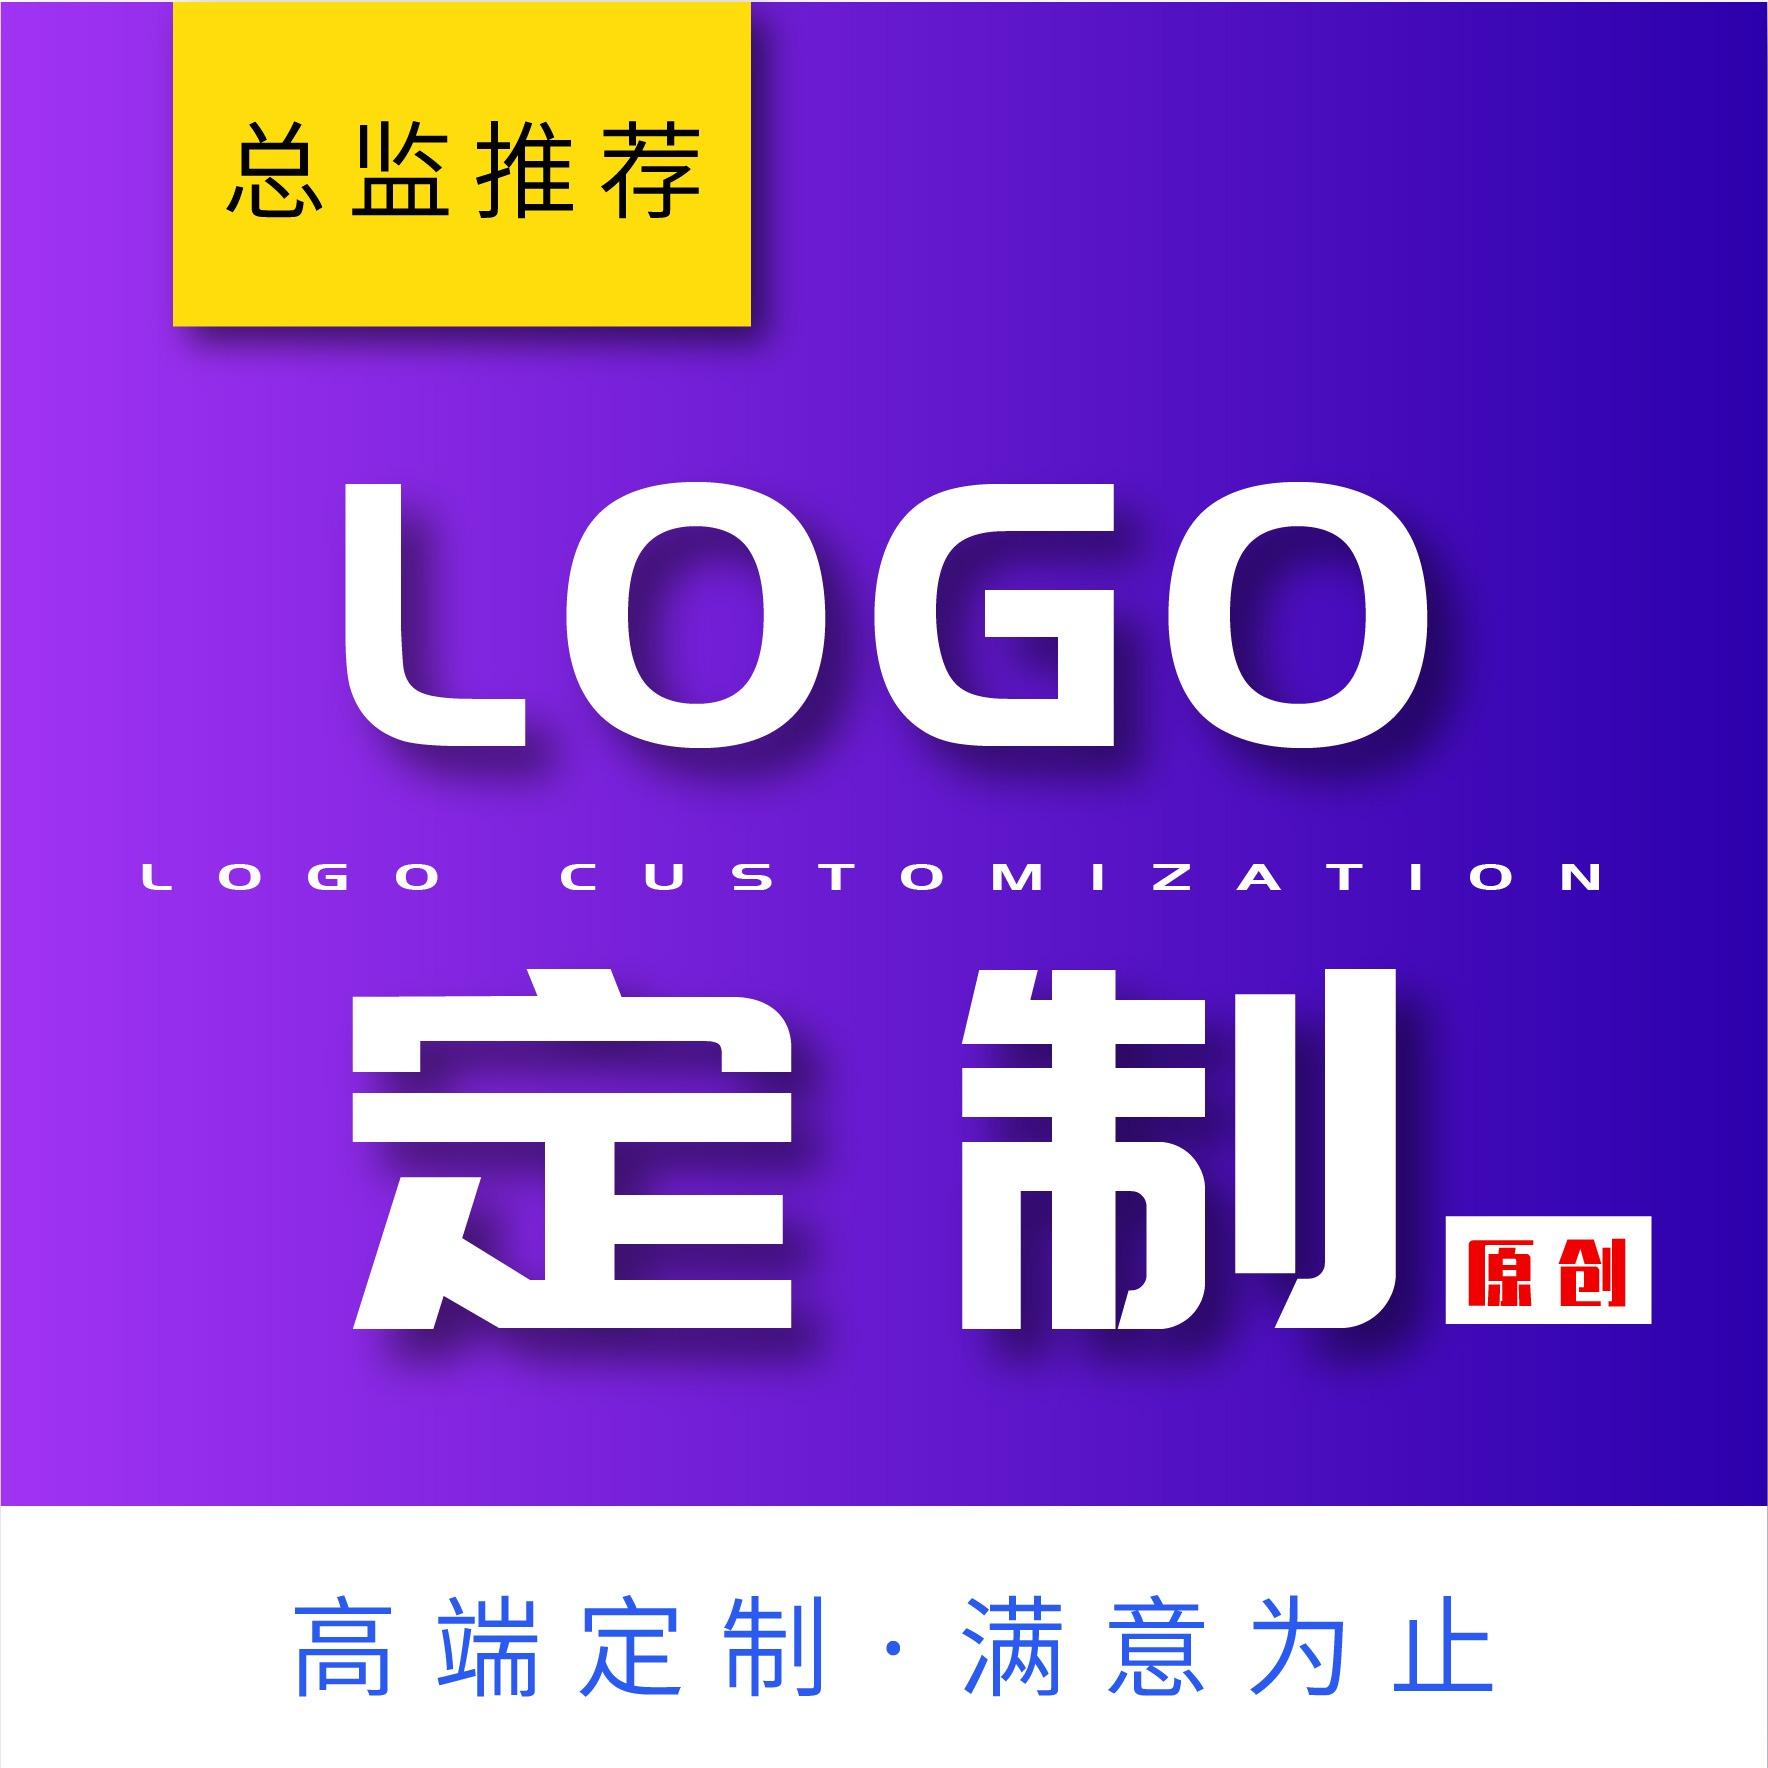 游戏战队名字设计电影广告国际航空公司标志百度 logo 设计作品